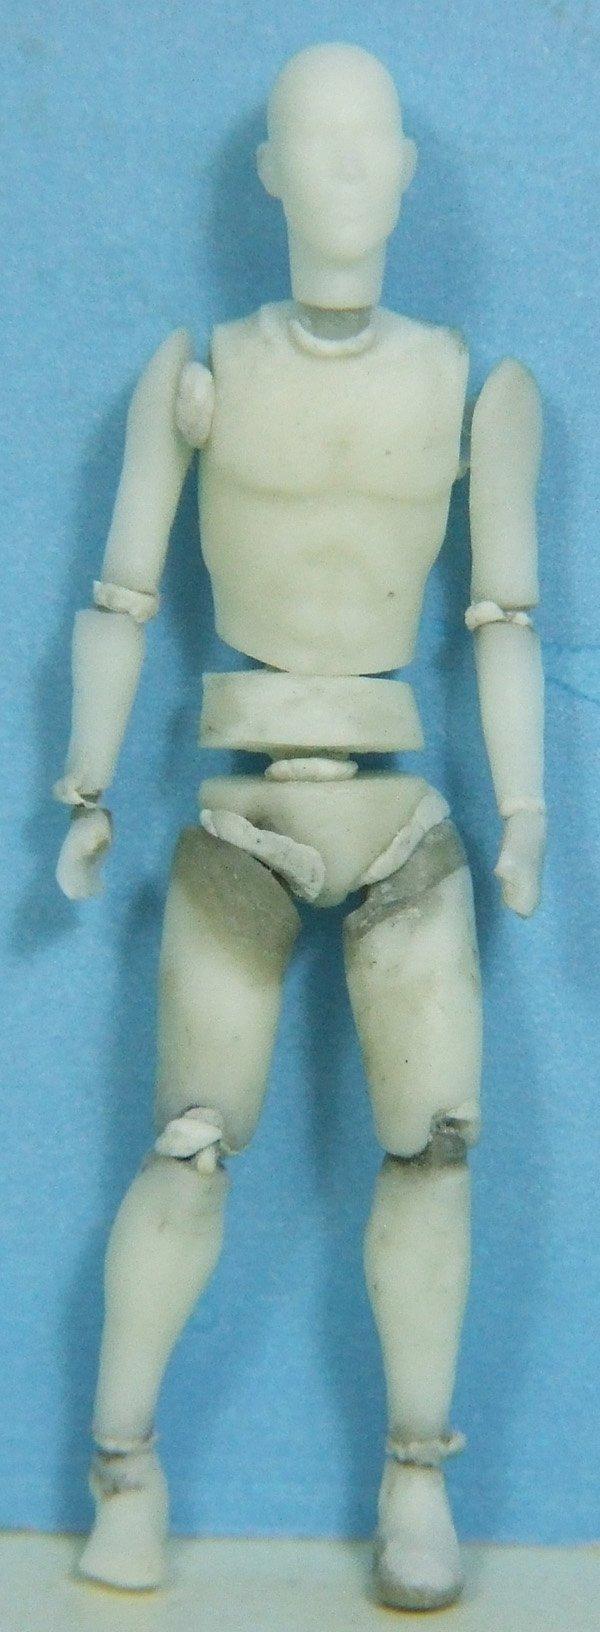 anatomique35.jpg